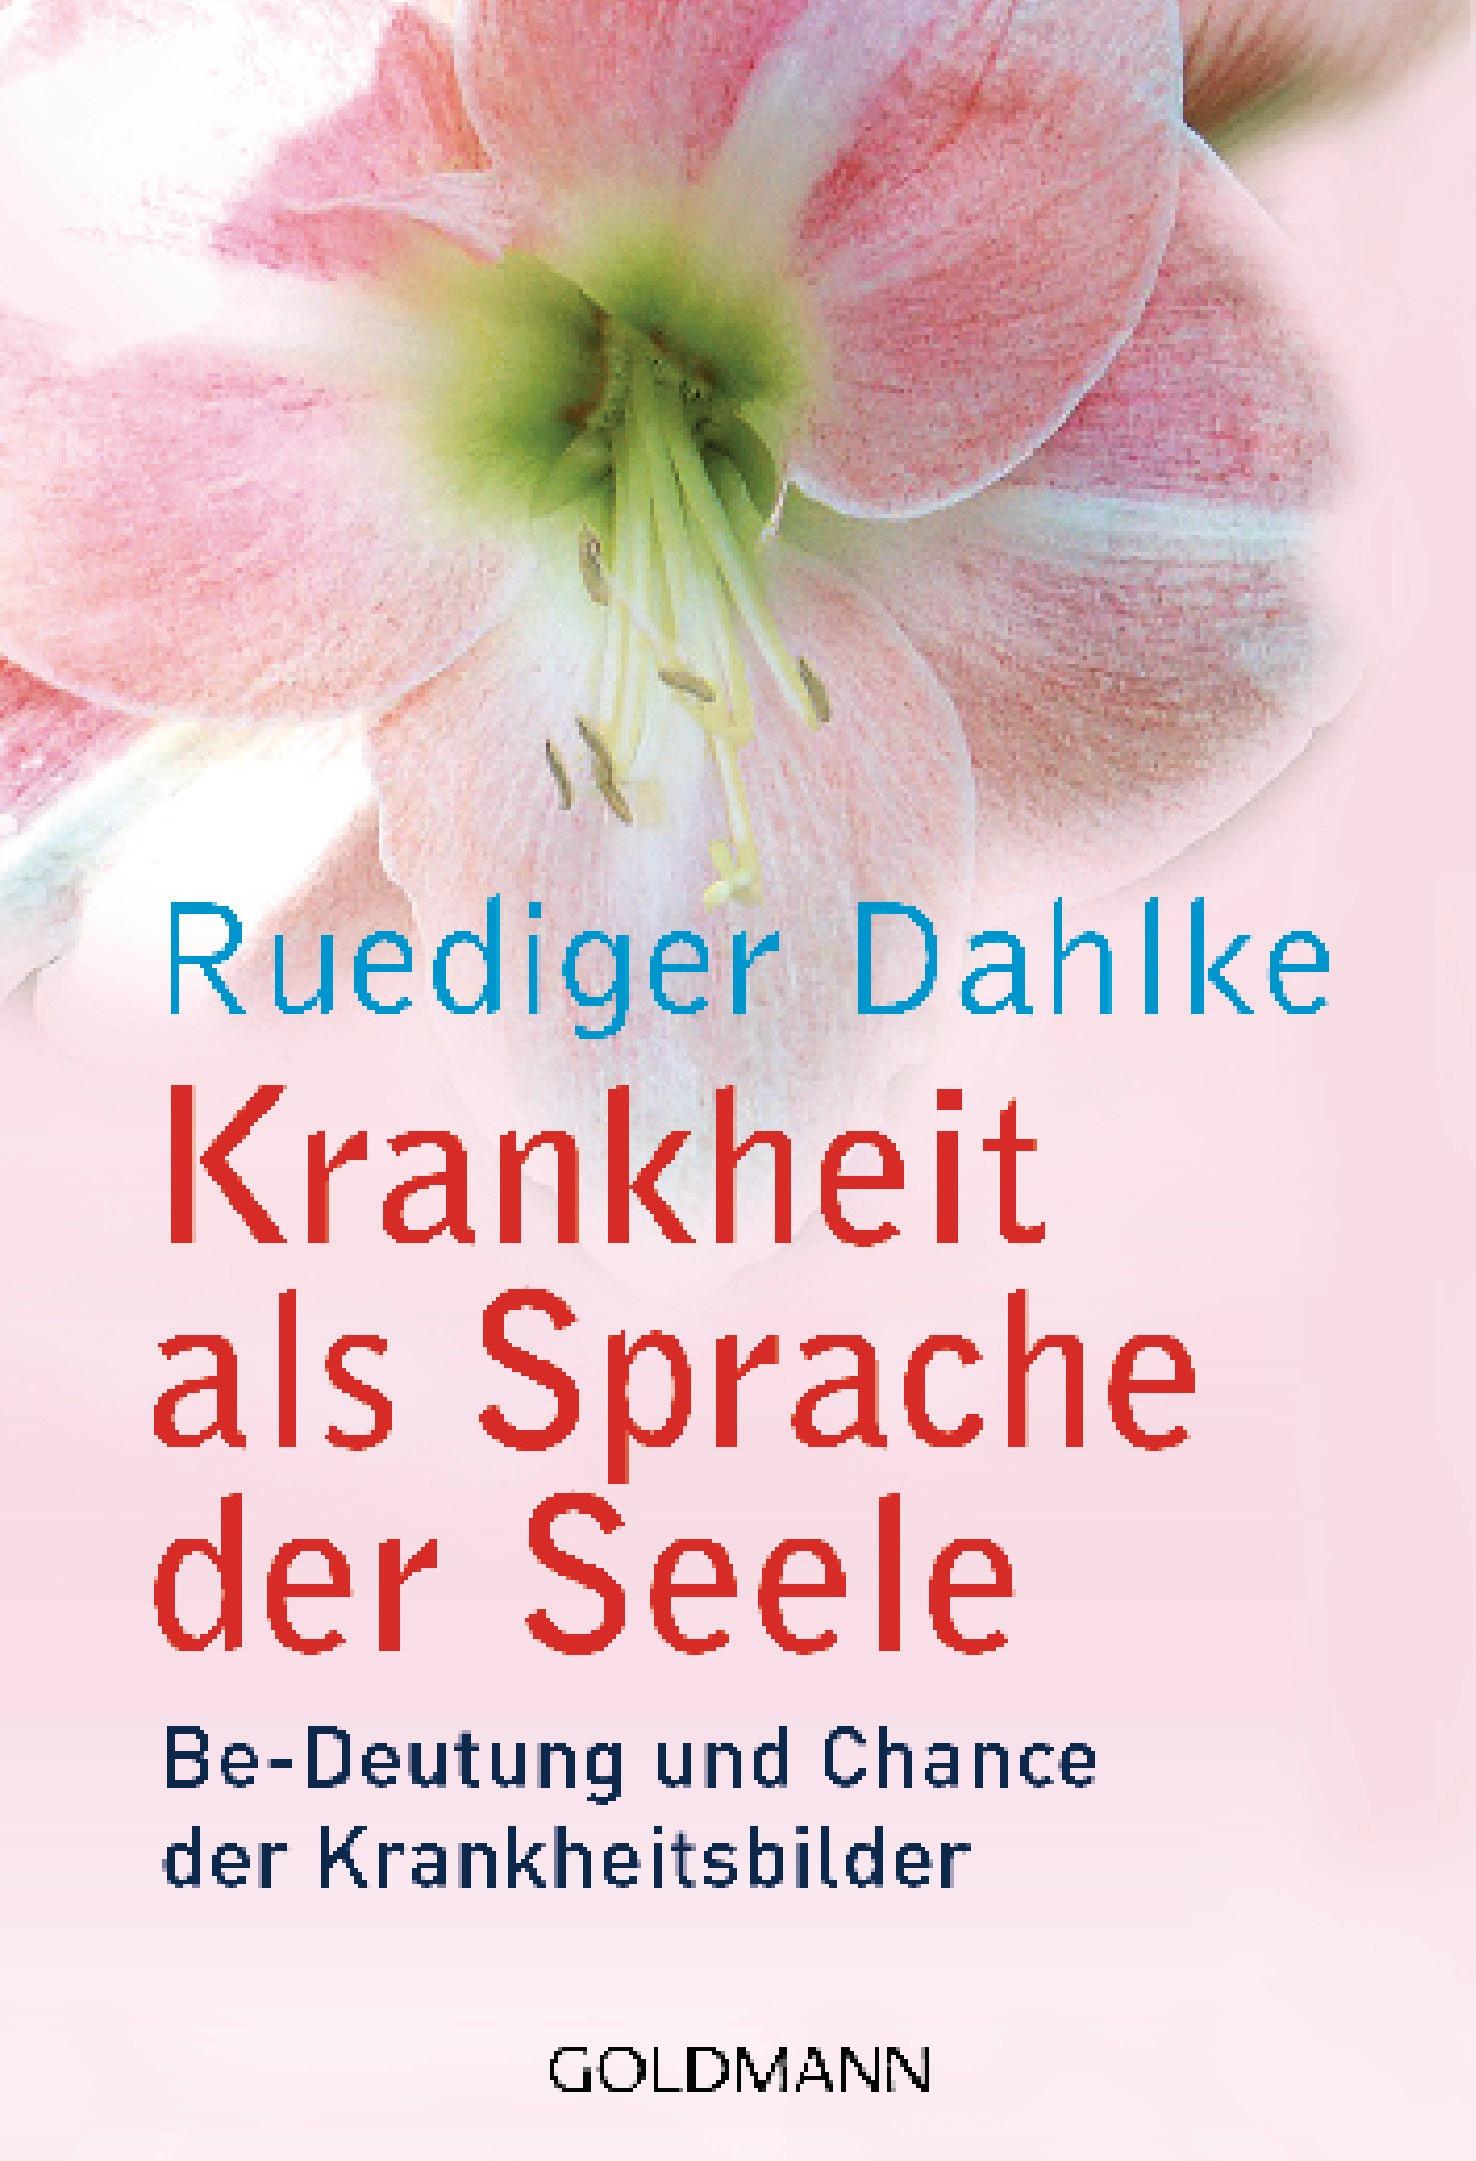 Krankheit als Sprache der Seele: Be-Deutung und Chance der Krankheitsbilder - Ruediger Dahlke [Taschenbuch, 13. Auflage